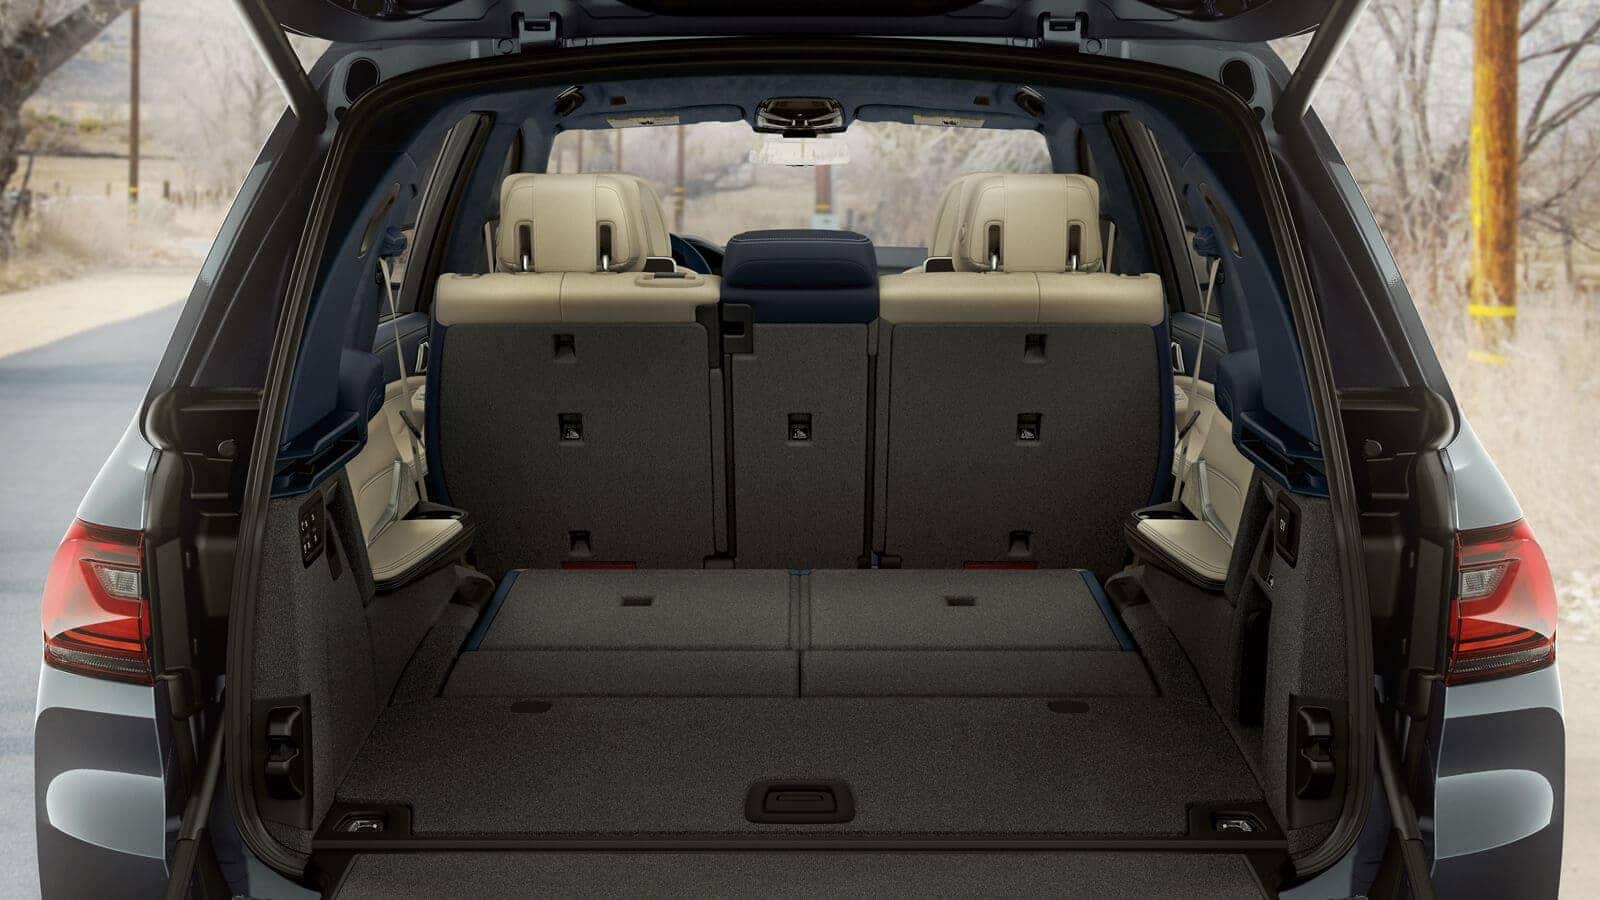 2019 BMW X7 cargo space